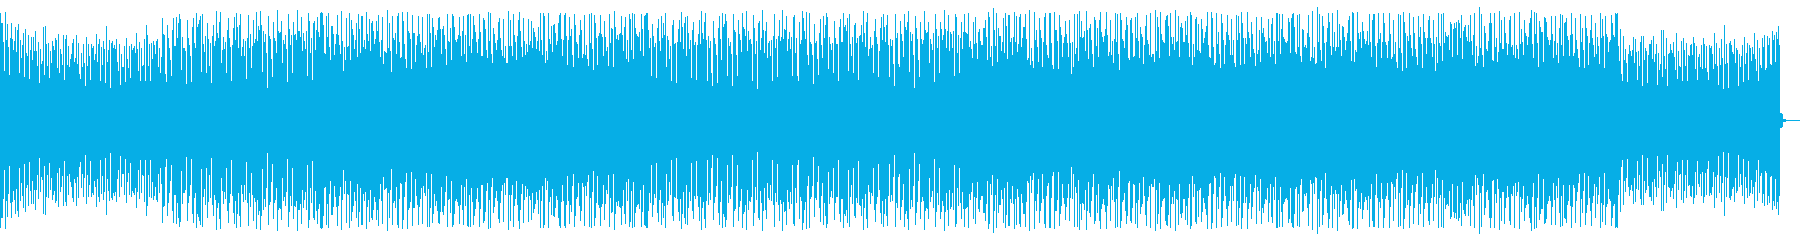 機械の世界。テクノ。の再生済みの波形